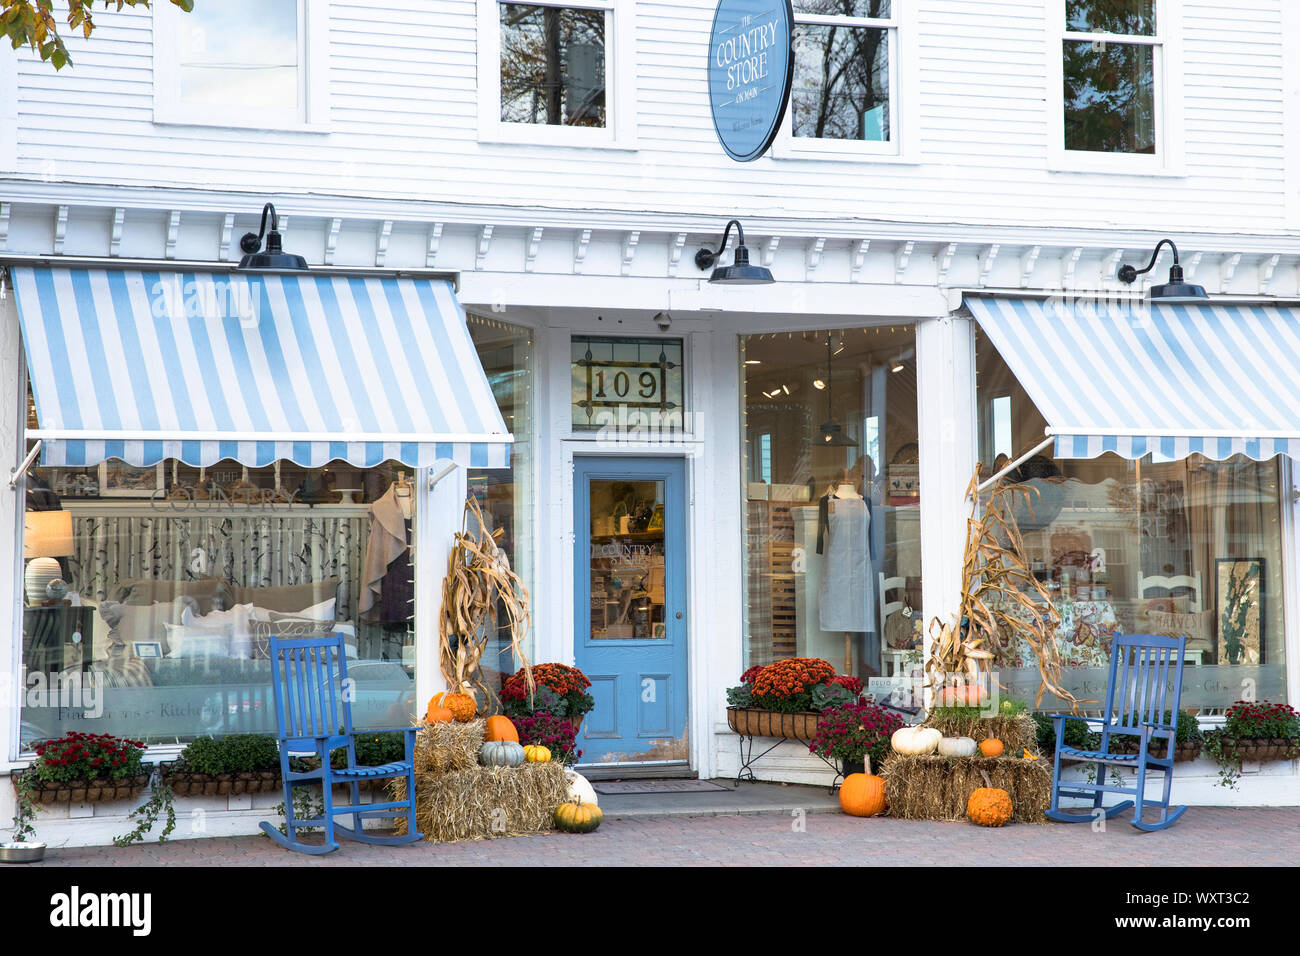 Le Country Store avec des chaises à bascule et des citrouilles sur la rue Main à Stowe, Vermont, Etats-Unis Banque D'Images